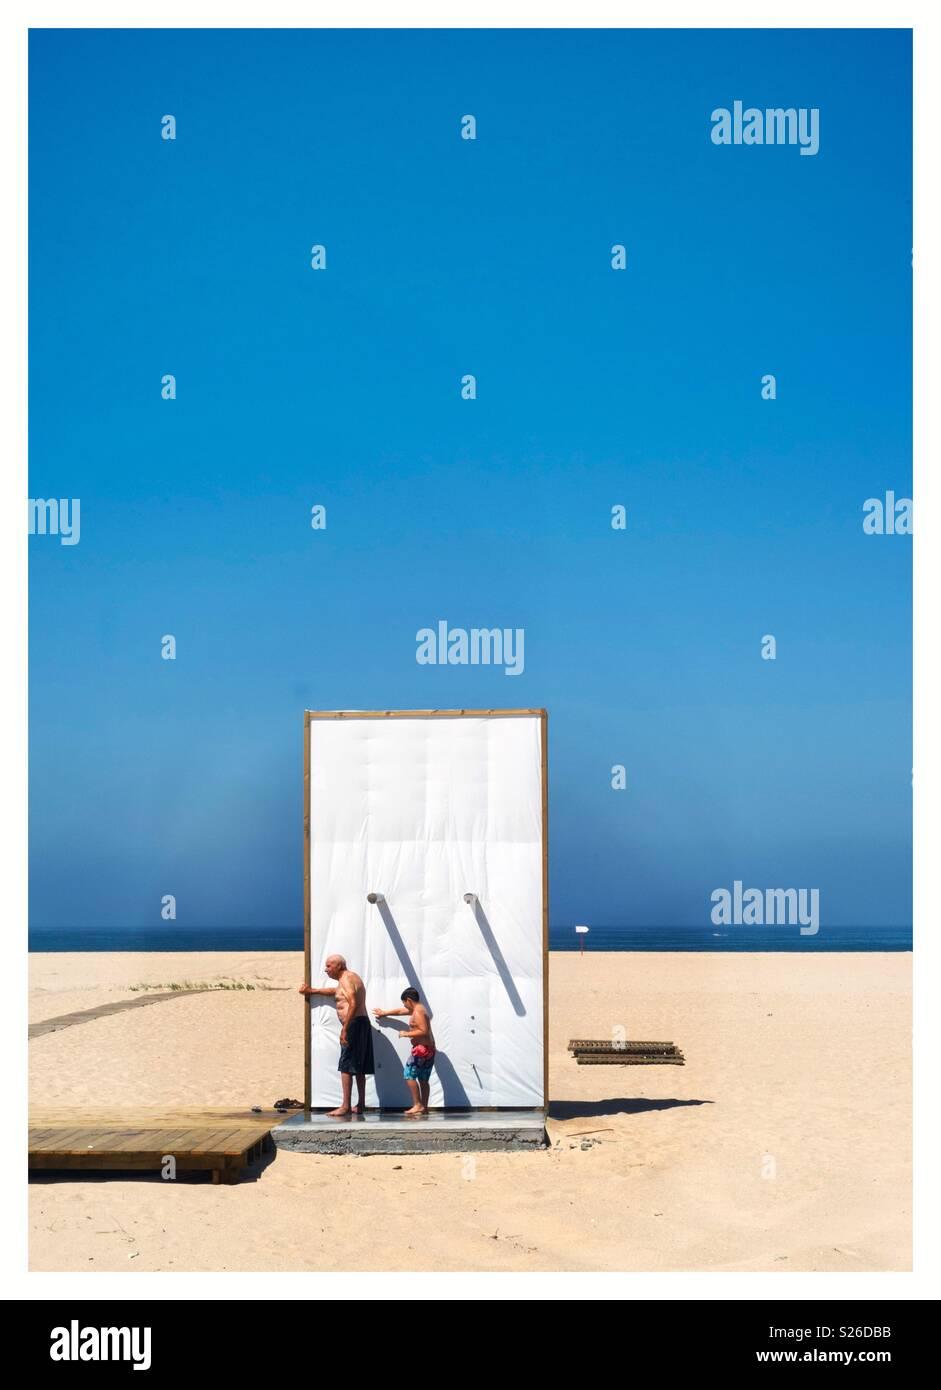 #Portugal#FigueiradaFoz#costa#amor#playa#verano#diversión#Oldman#Niño#Boy#Contraste#luz#sombra Imagen De Stock